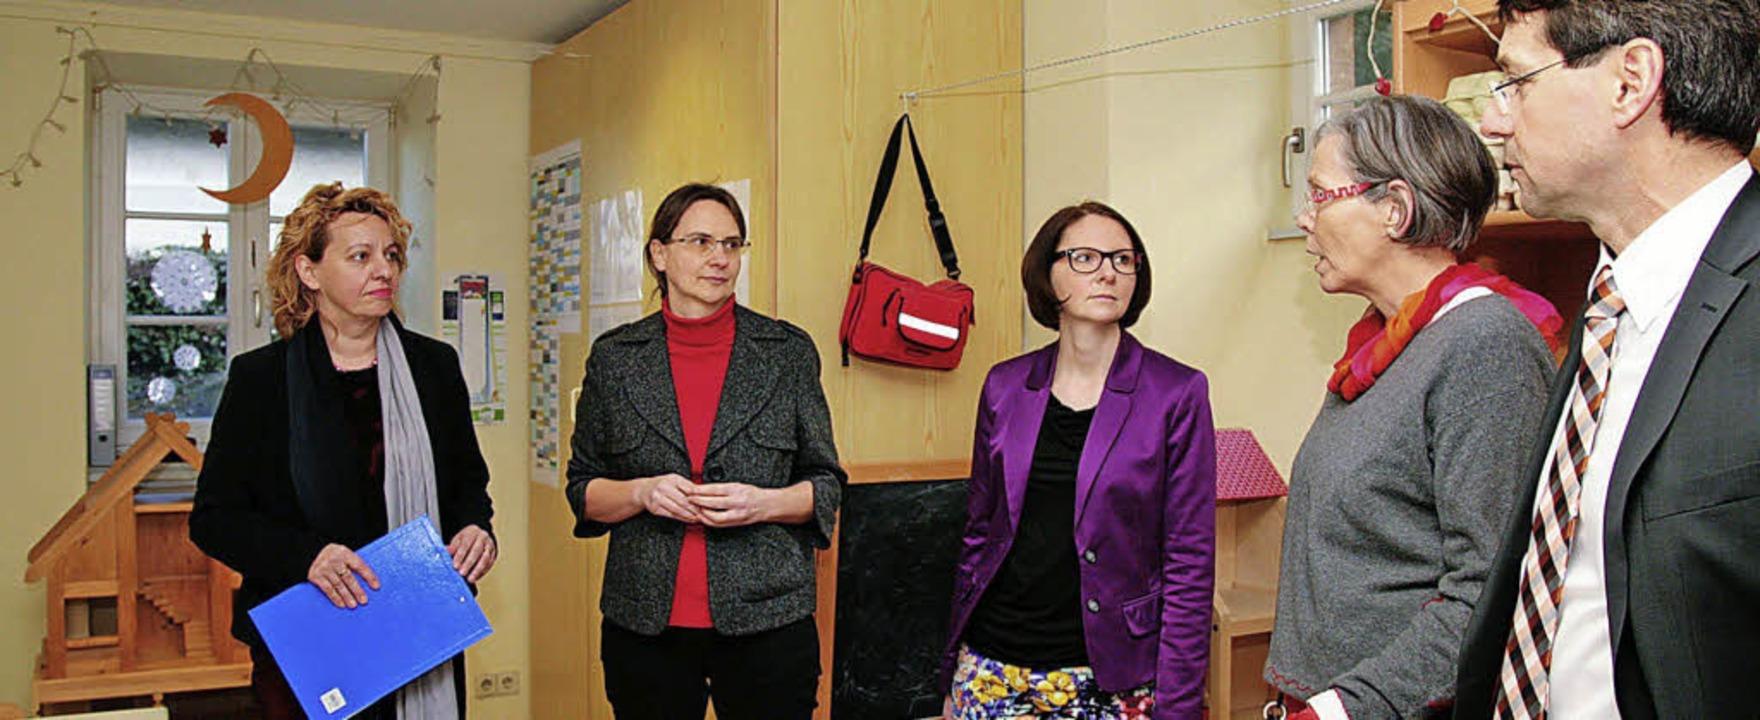 Grünen-Landtagsabgeordnete (Mitte) im ...etz und Susanne Jakubeit (von rechts)   | Foto: Sandra DEcoux-Kone